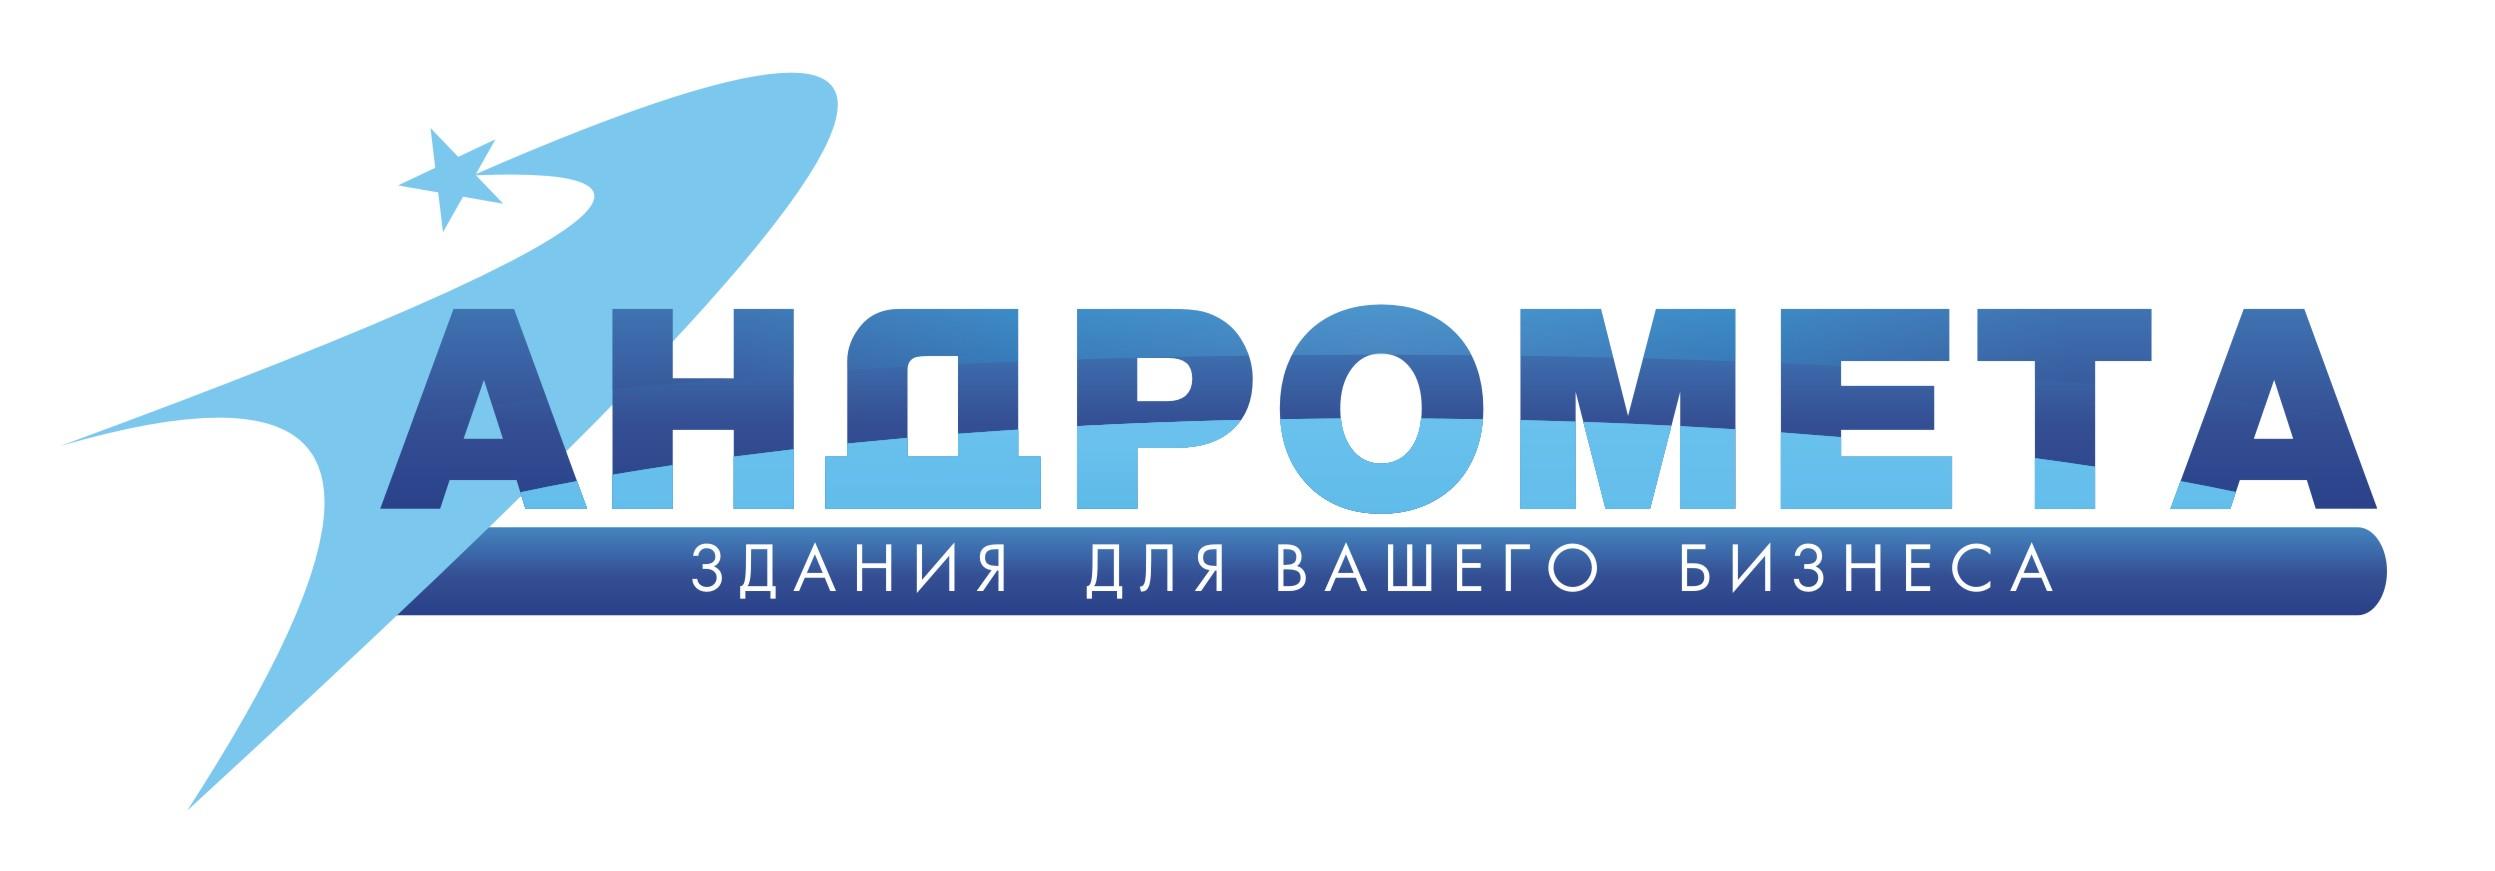 Андромета ООО